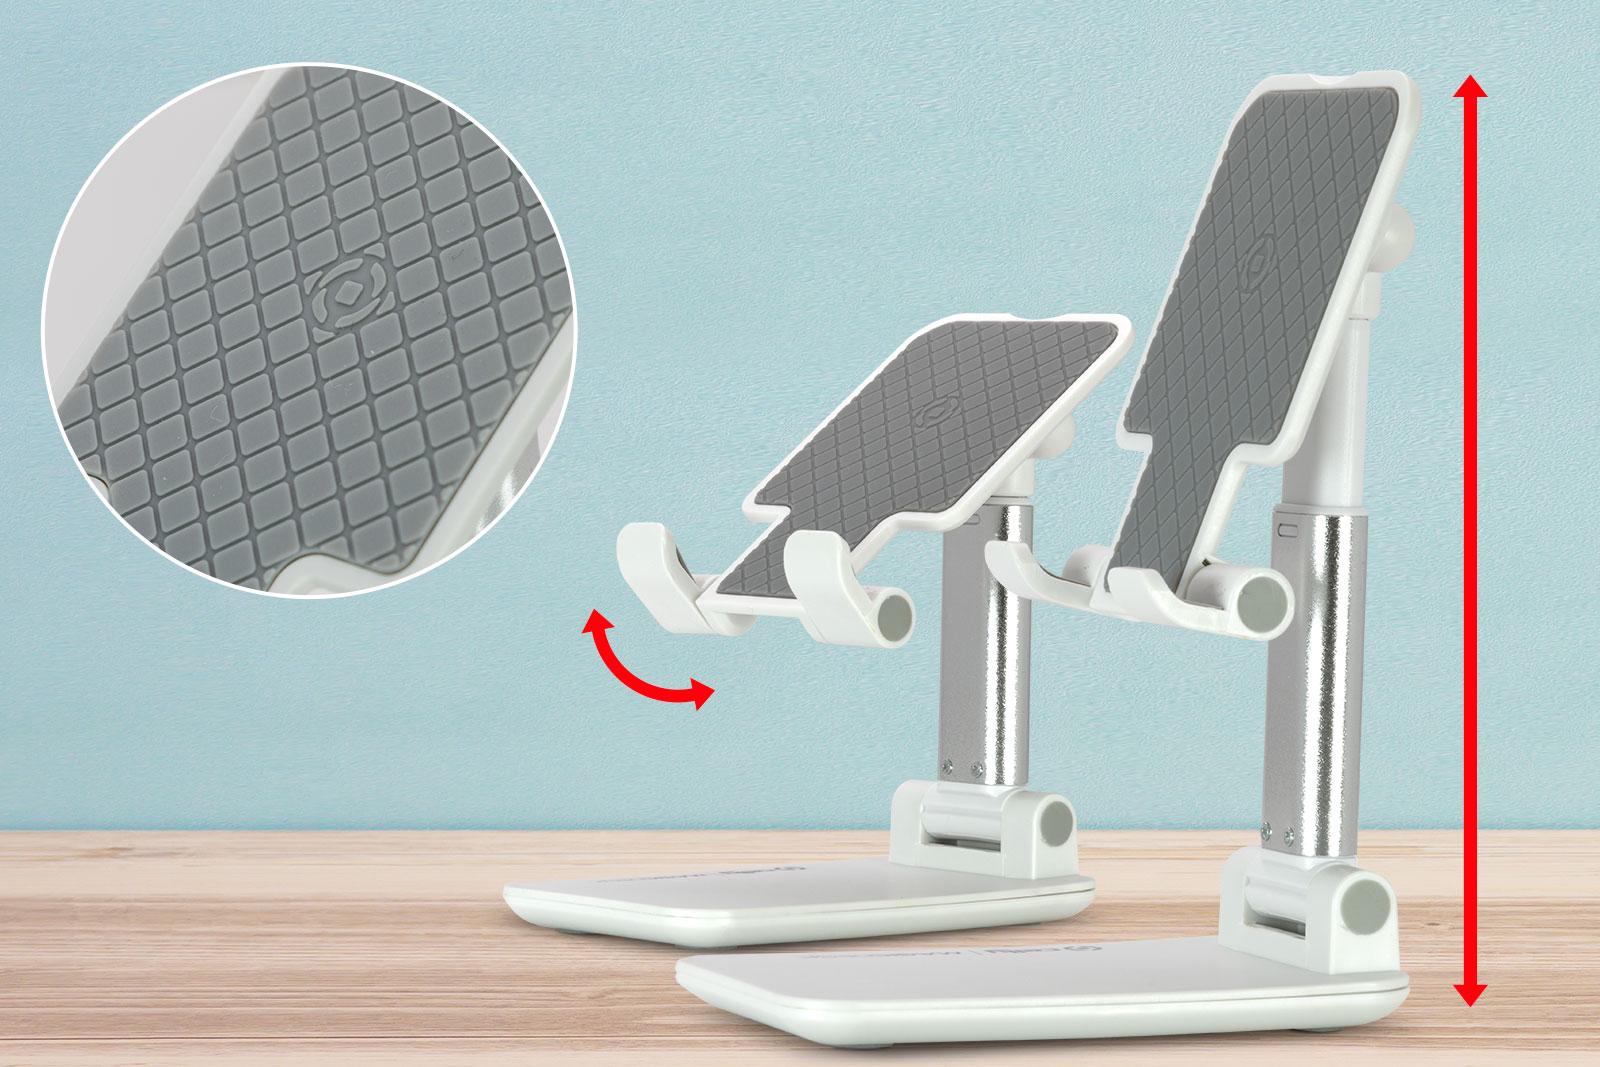 デバイスの高さと角度を調整できる実用的なエクステンダブル・アーム